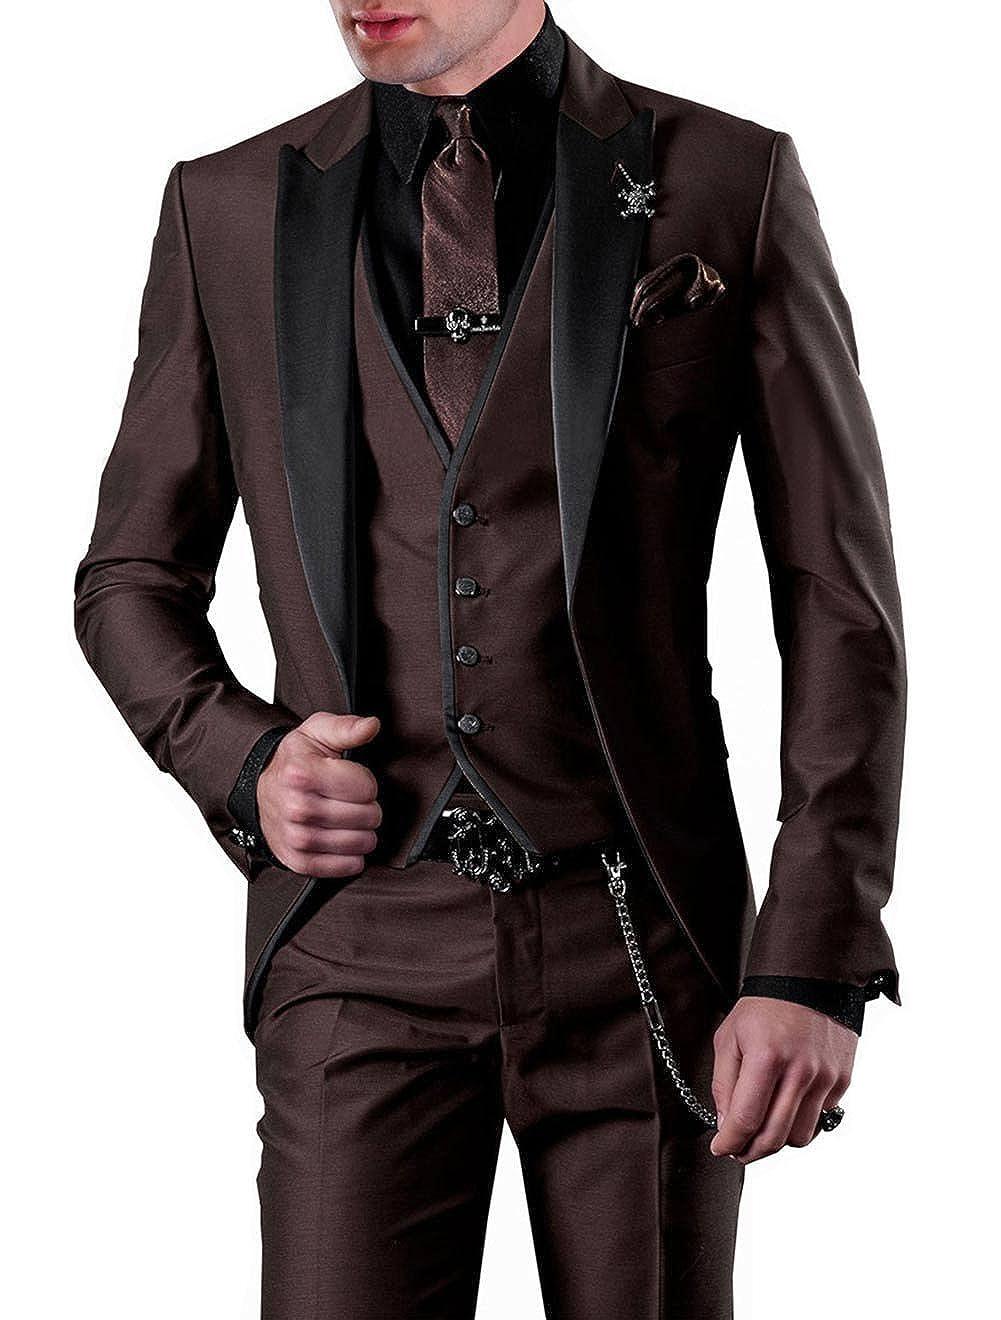 YYI - Abito - Uomo 52 IT regolare giacca cc9e65a9d96